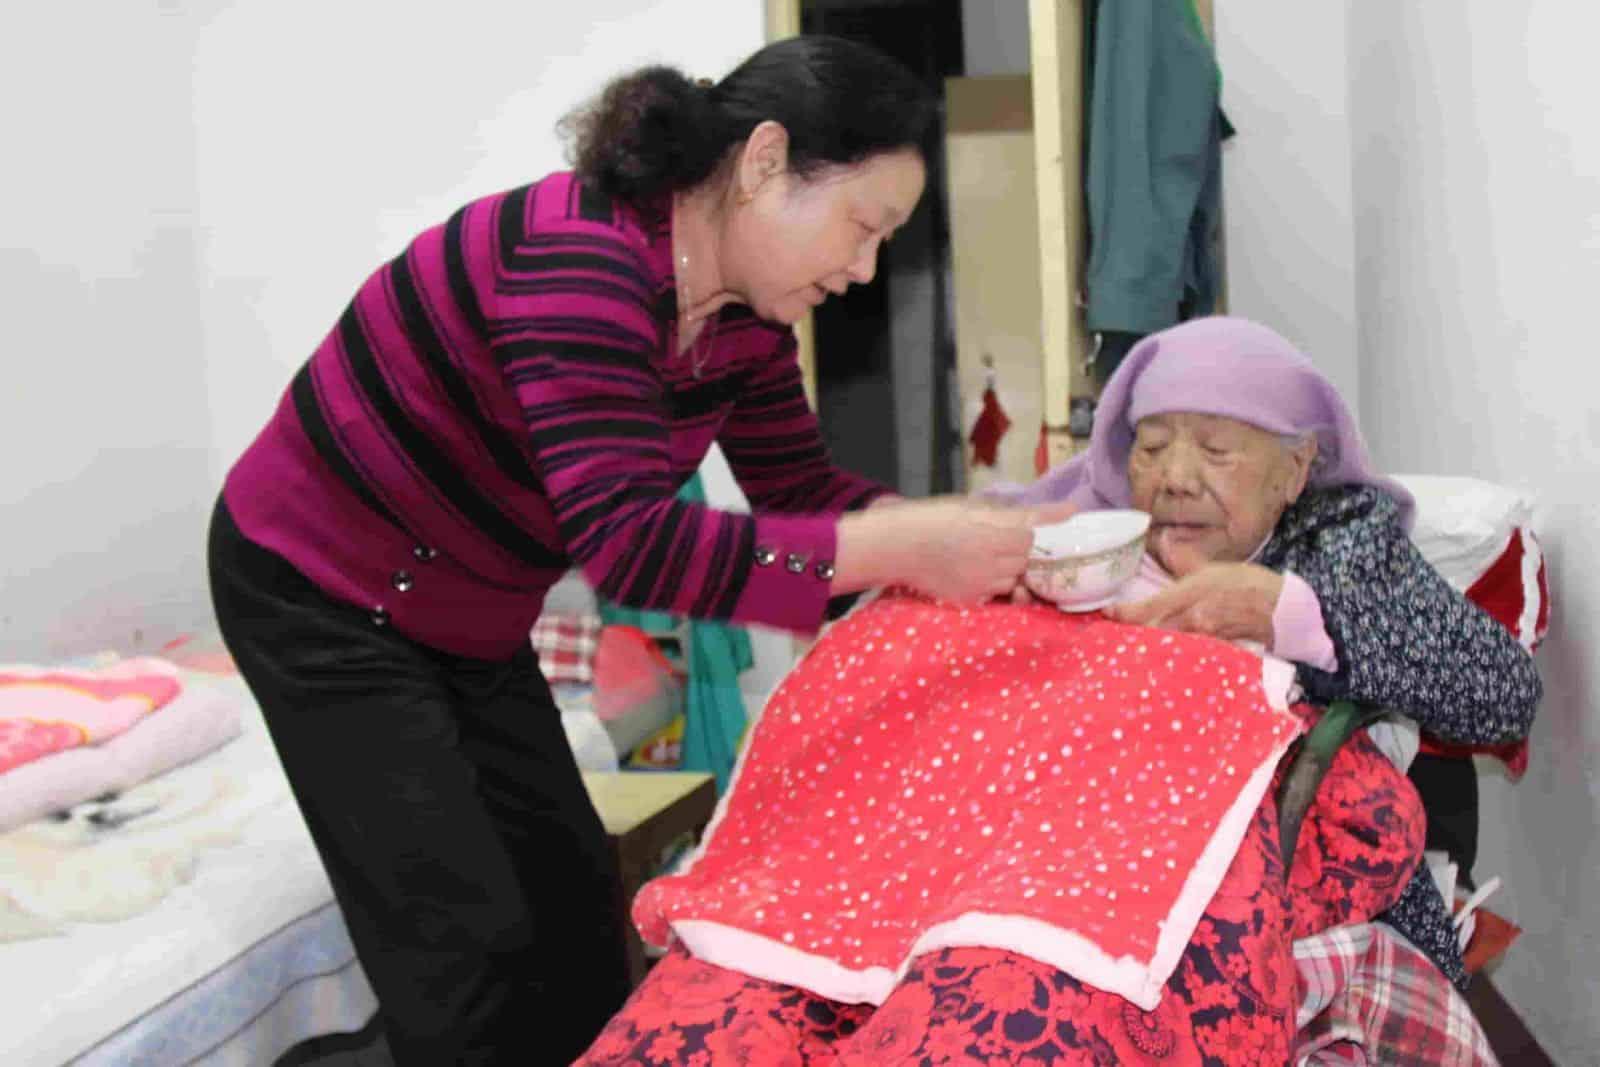 Dịch Vụ Chăm sóc người bệnh tận tình tại Quận 3 – Tâm Và Đức